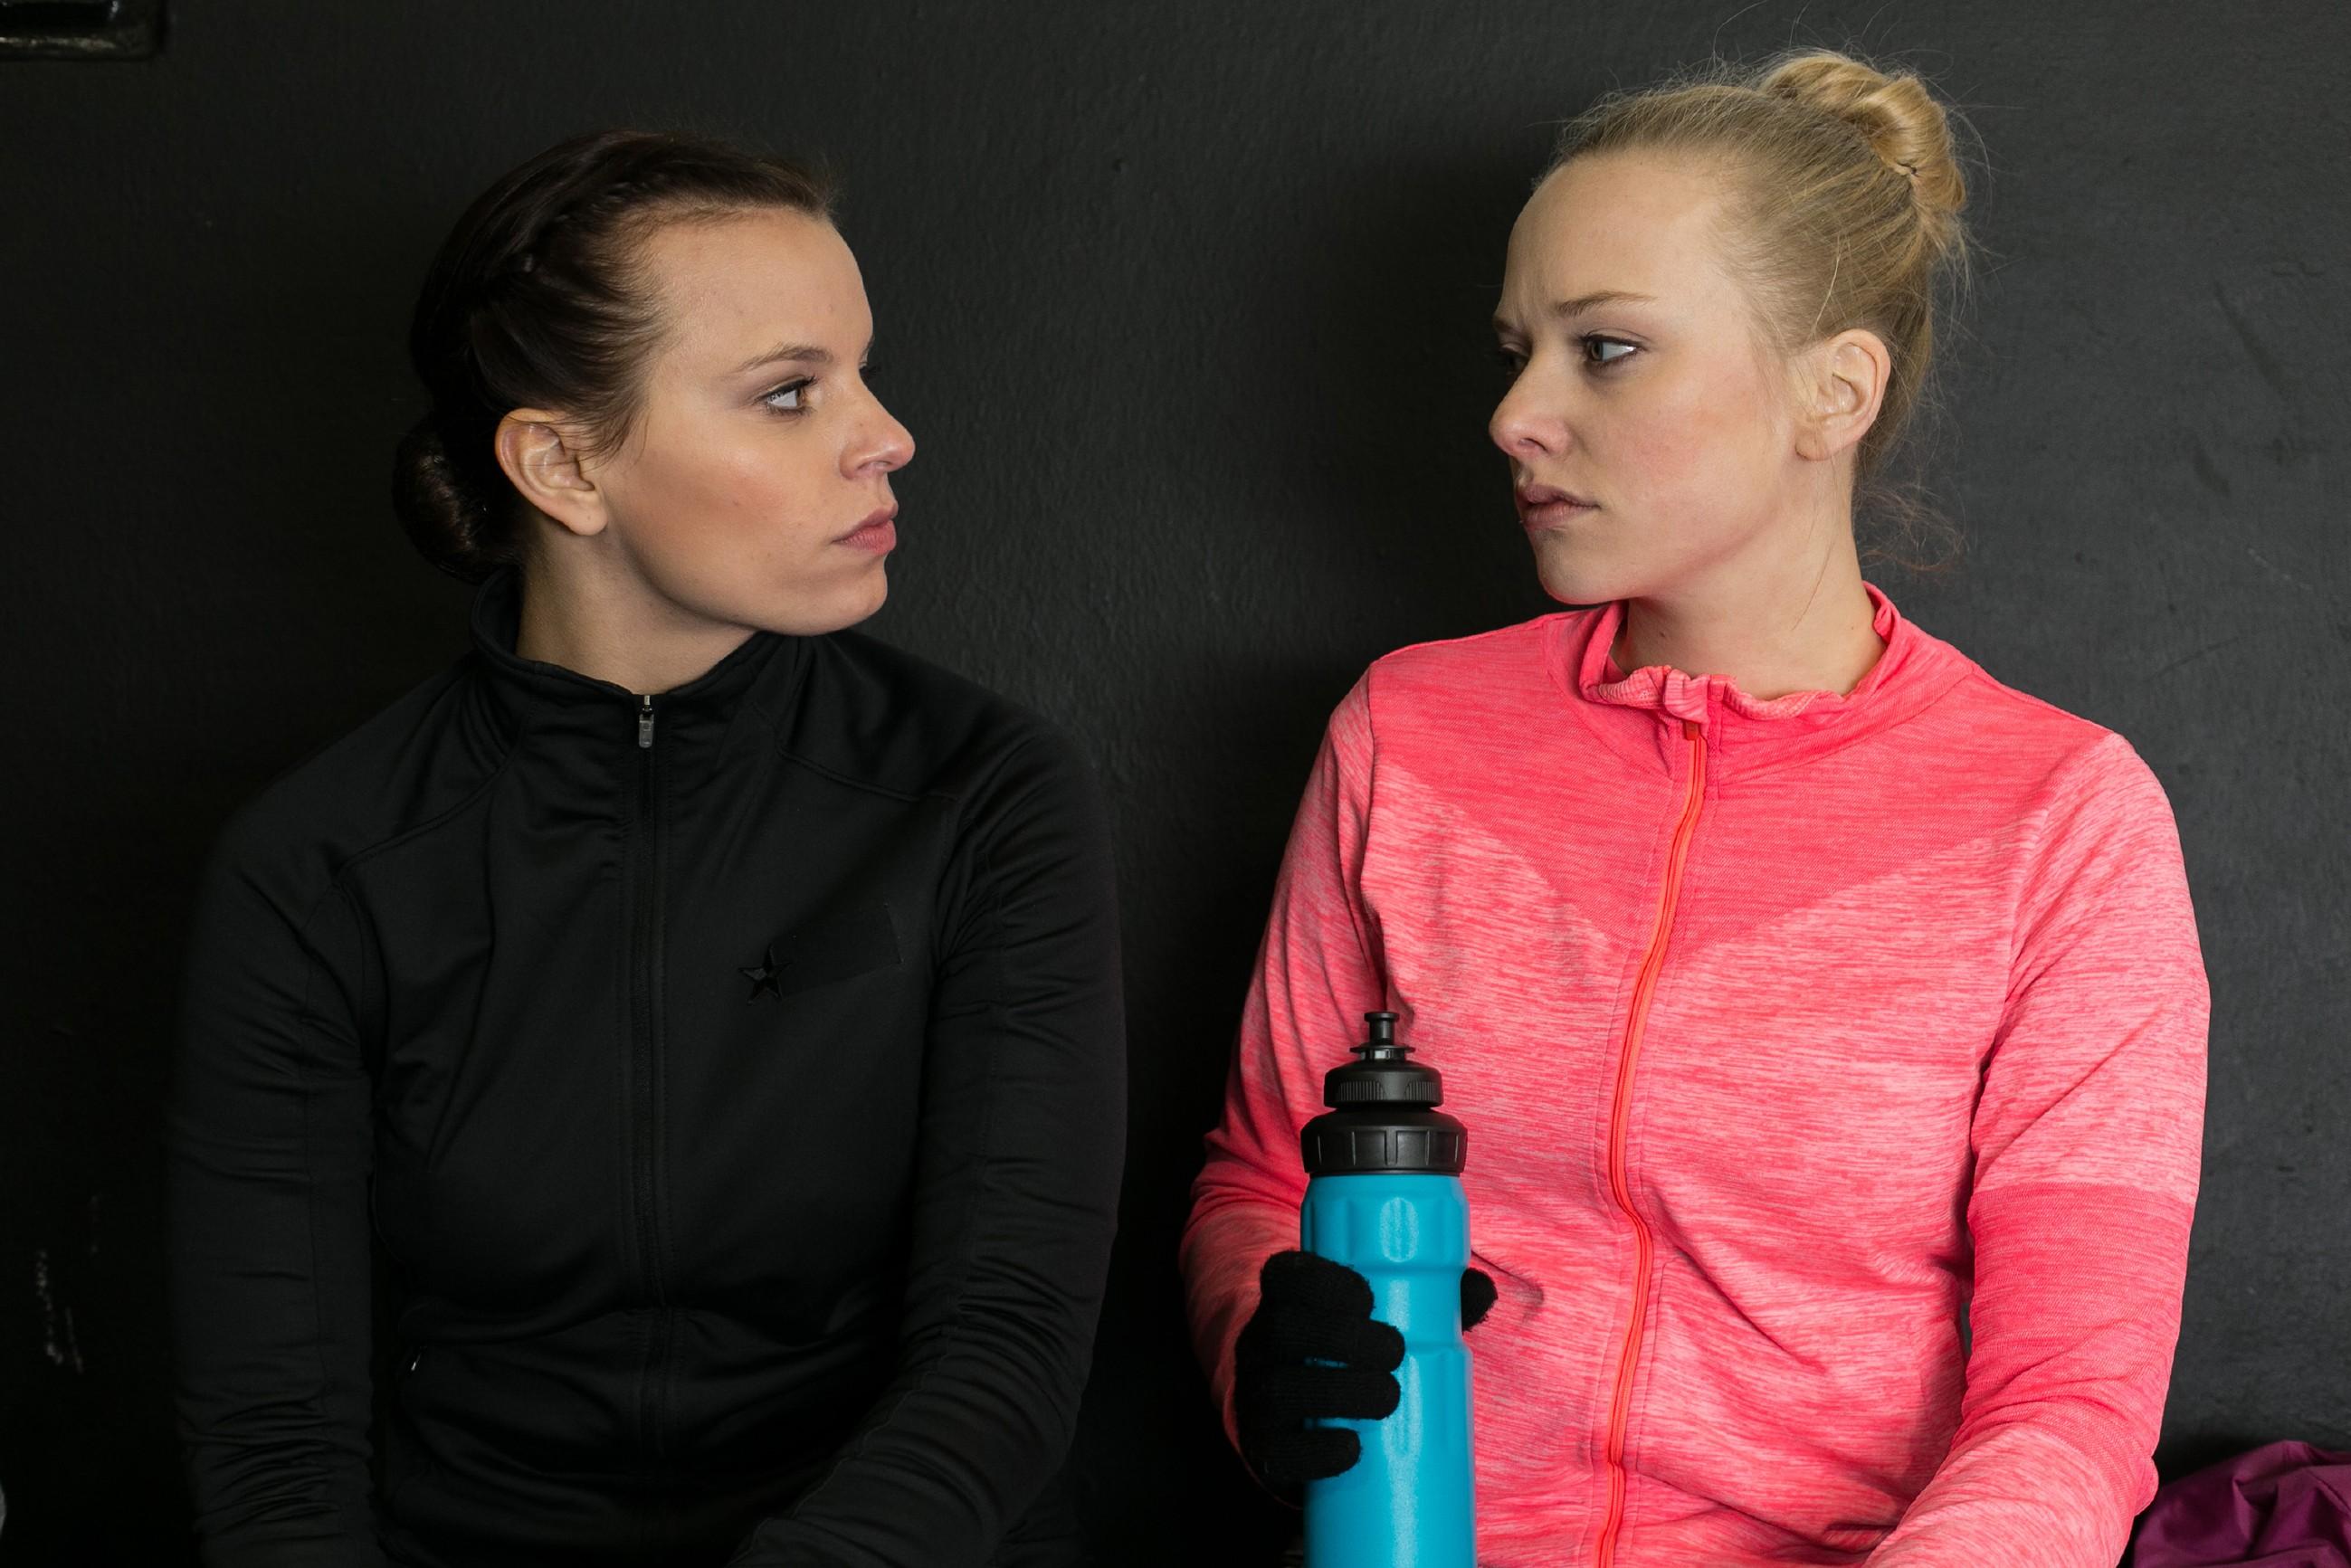 In ihrem Frust steckt Michelle (Franziska Benz, l.) Marie (Judith Neumann), dass sie mit Leo geschlafen hat... (Quelle: RTL / Kai Schulz)